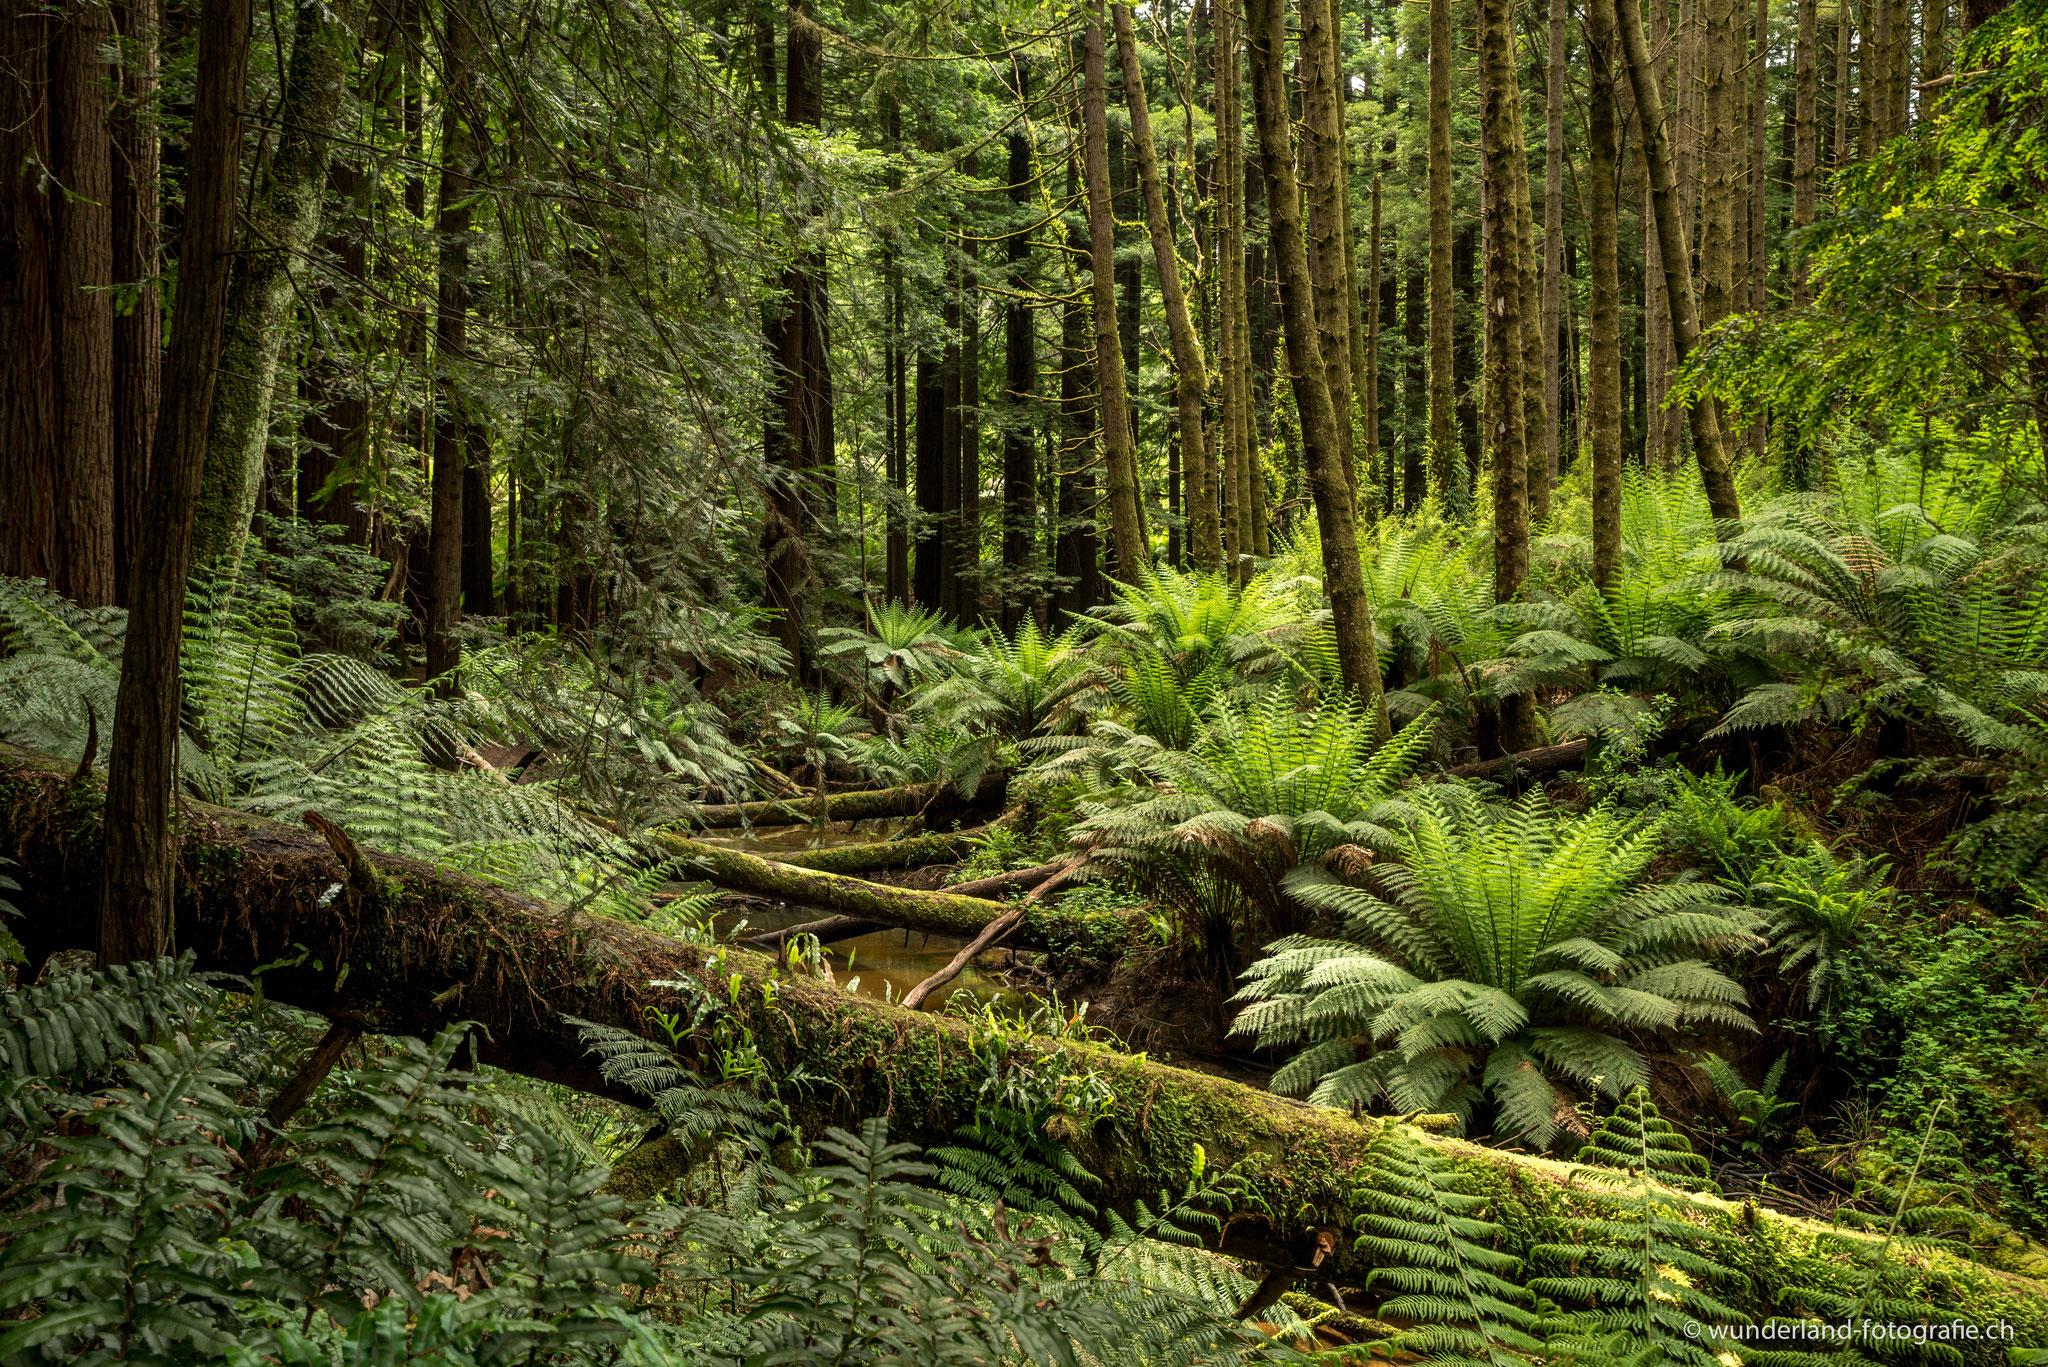 Sind diese Wälder nicht einfach traumhaft?